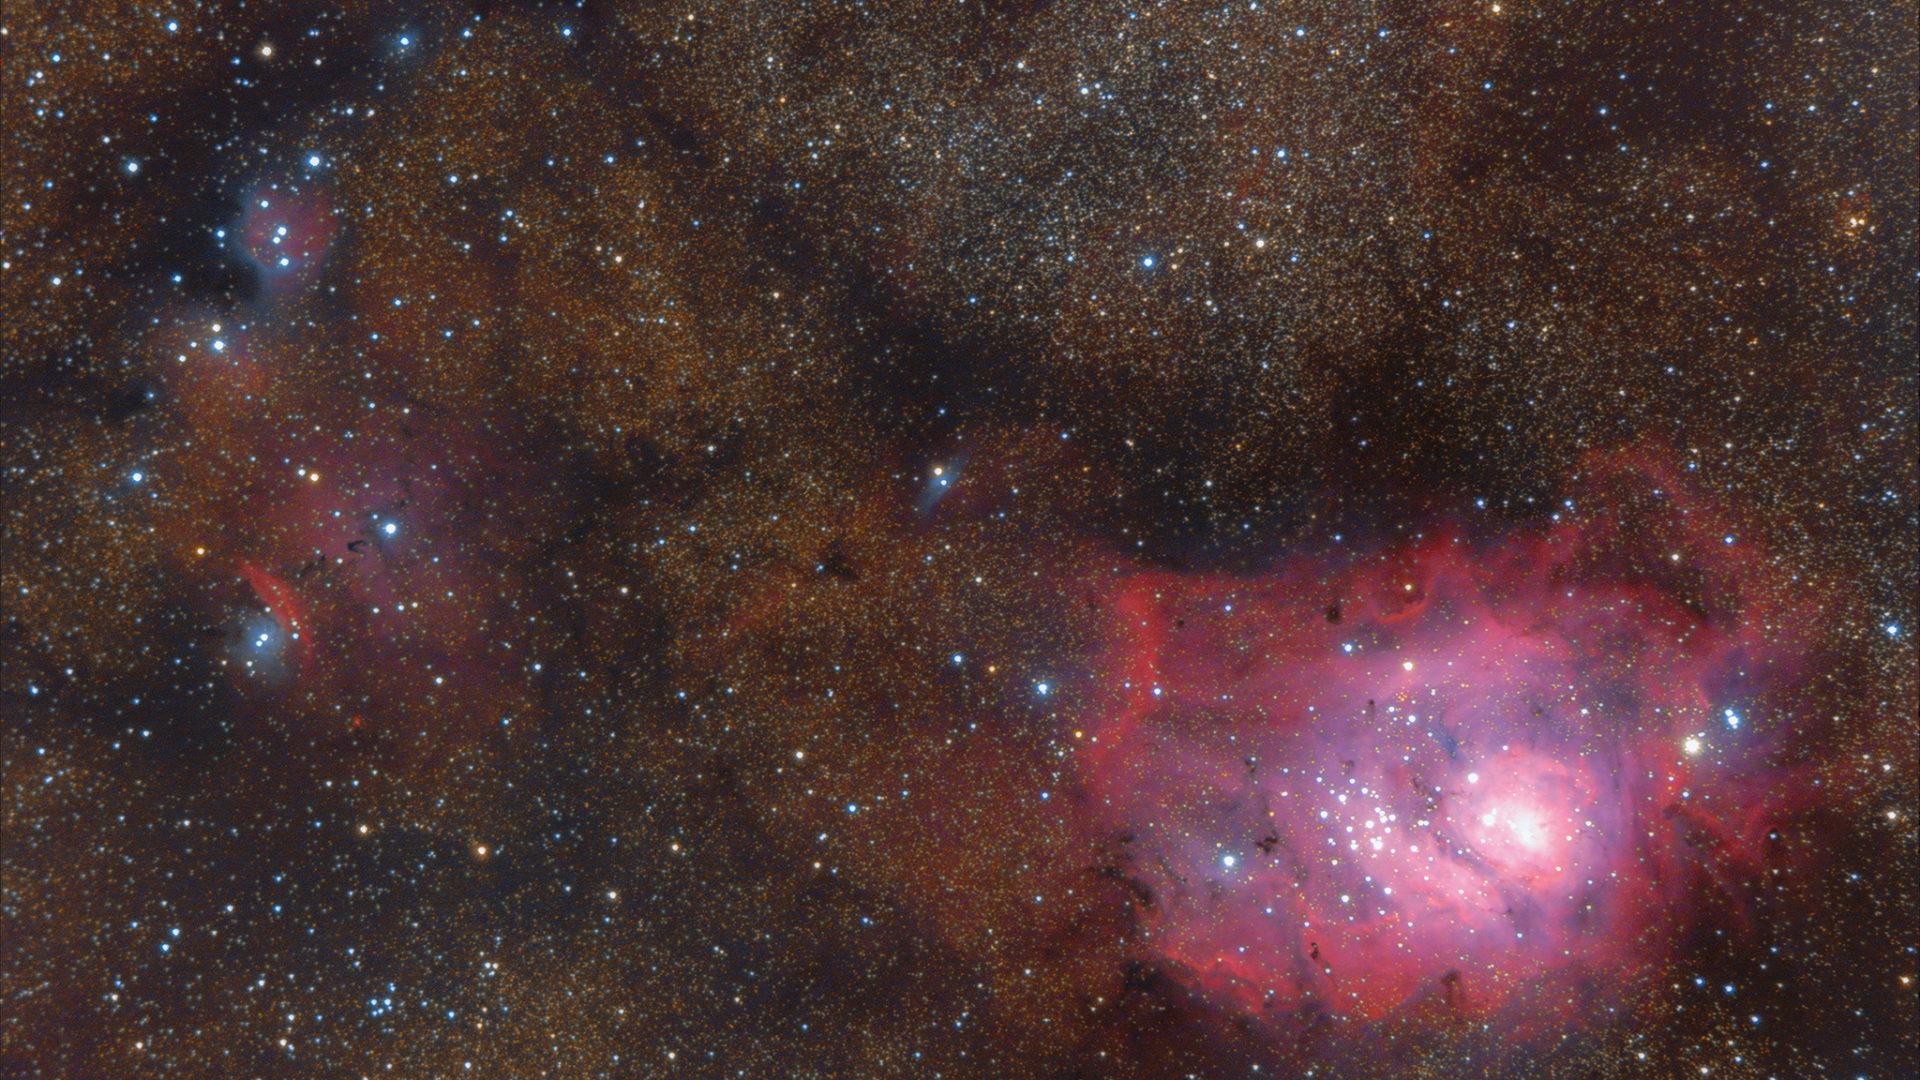 礁湖星雲(M8)